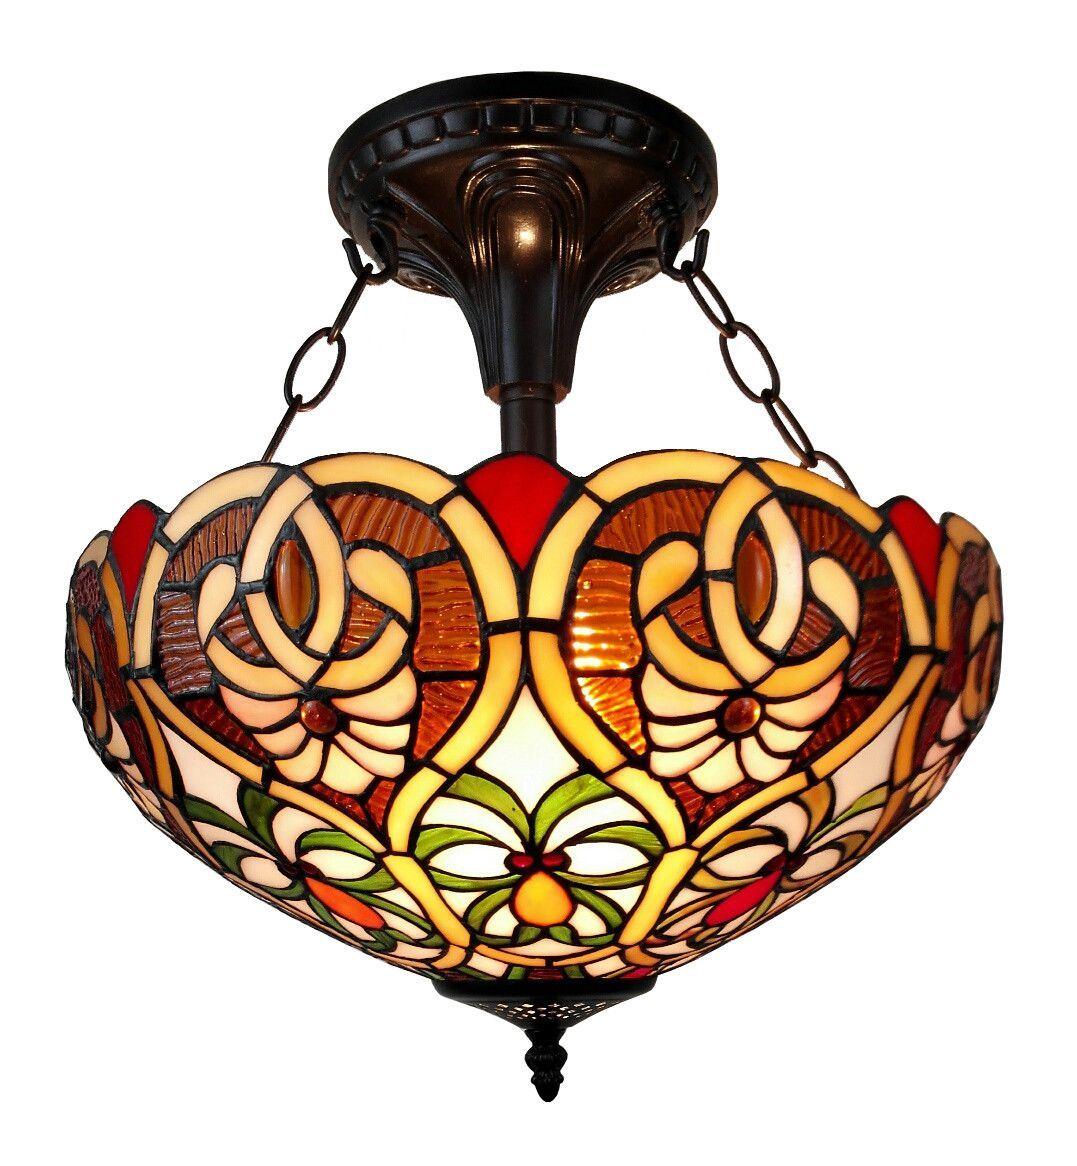 pendant p qz kami ceilings elsteadqzkamip ceiling l elstead tiffany lamps